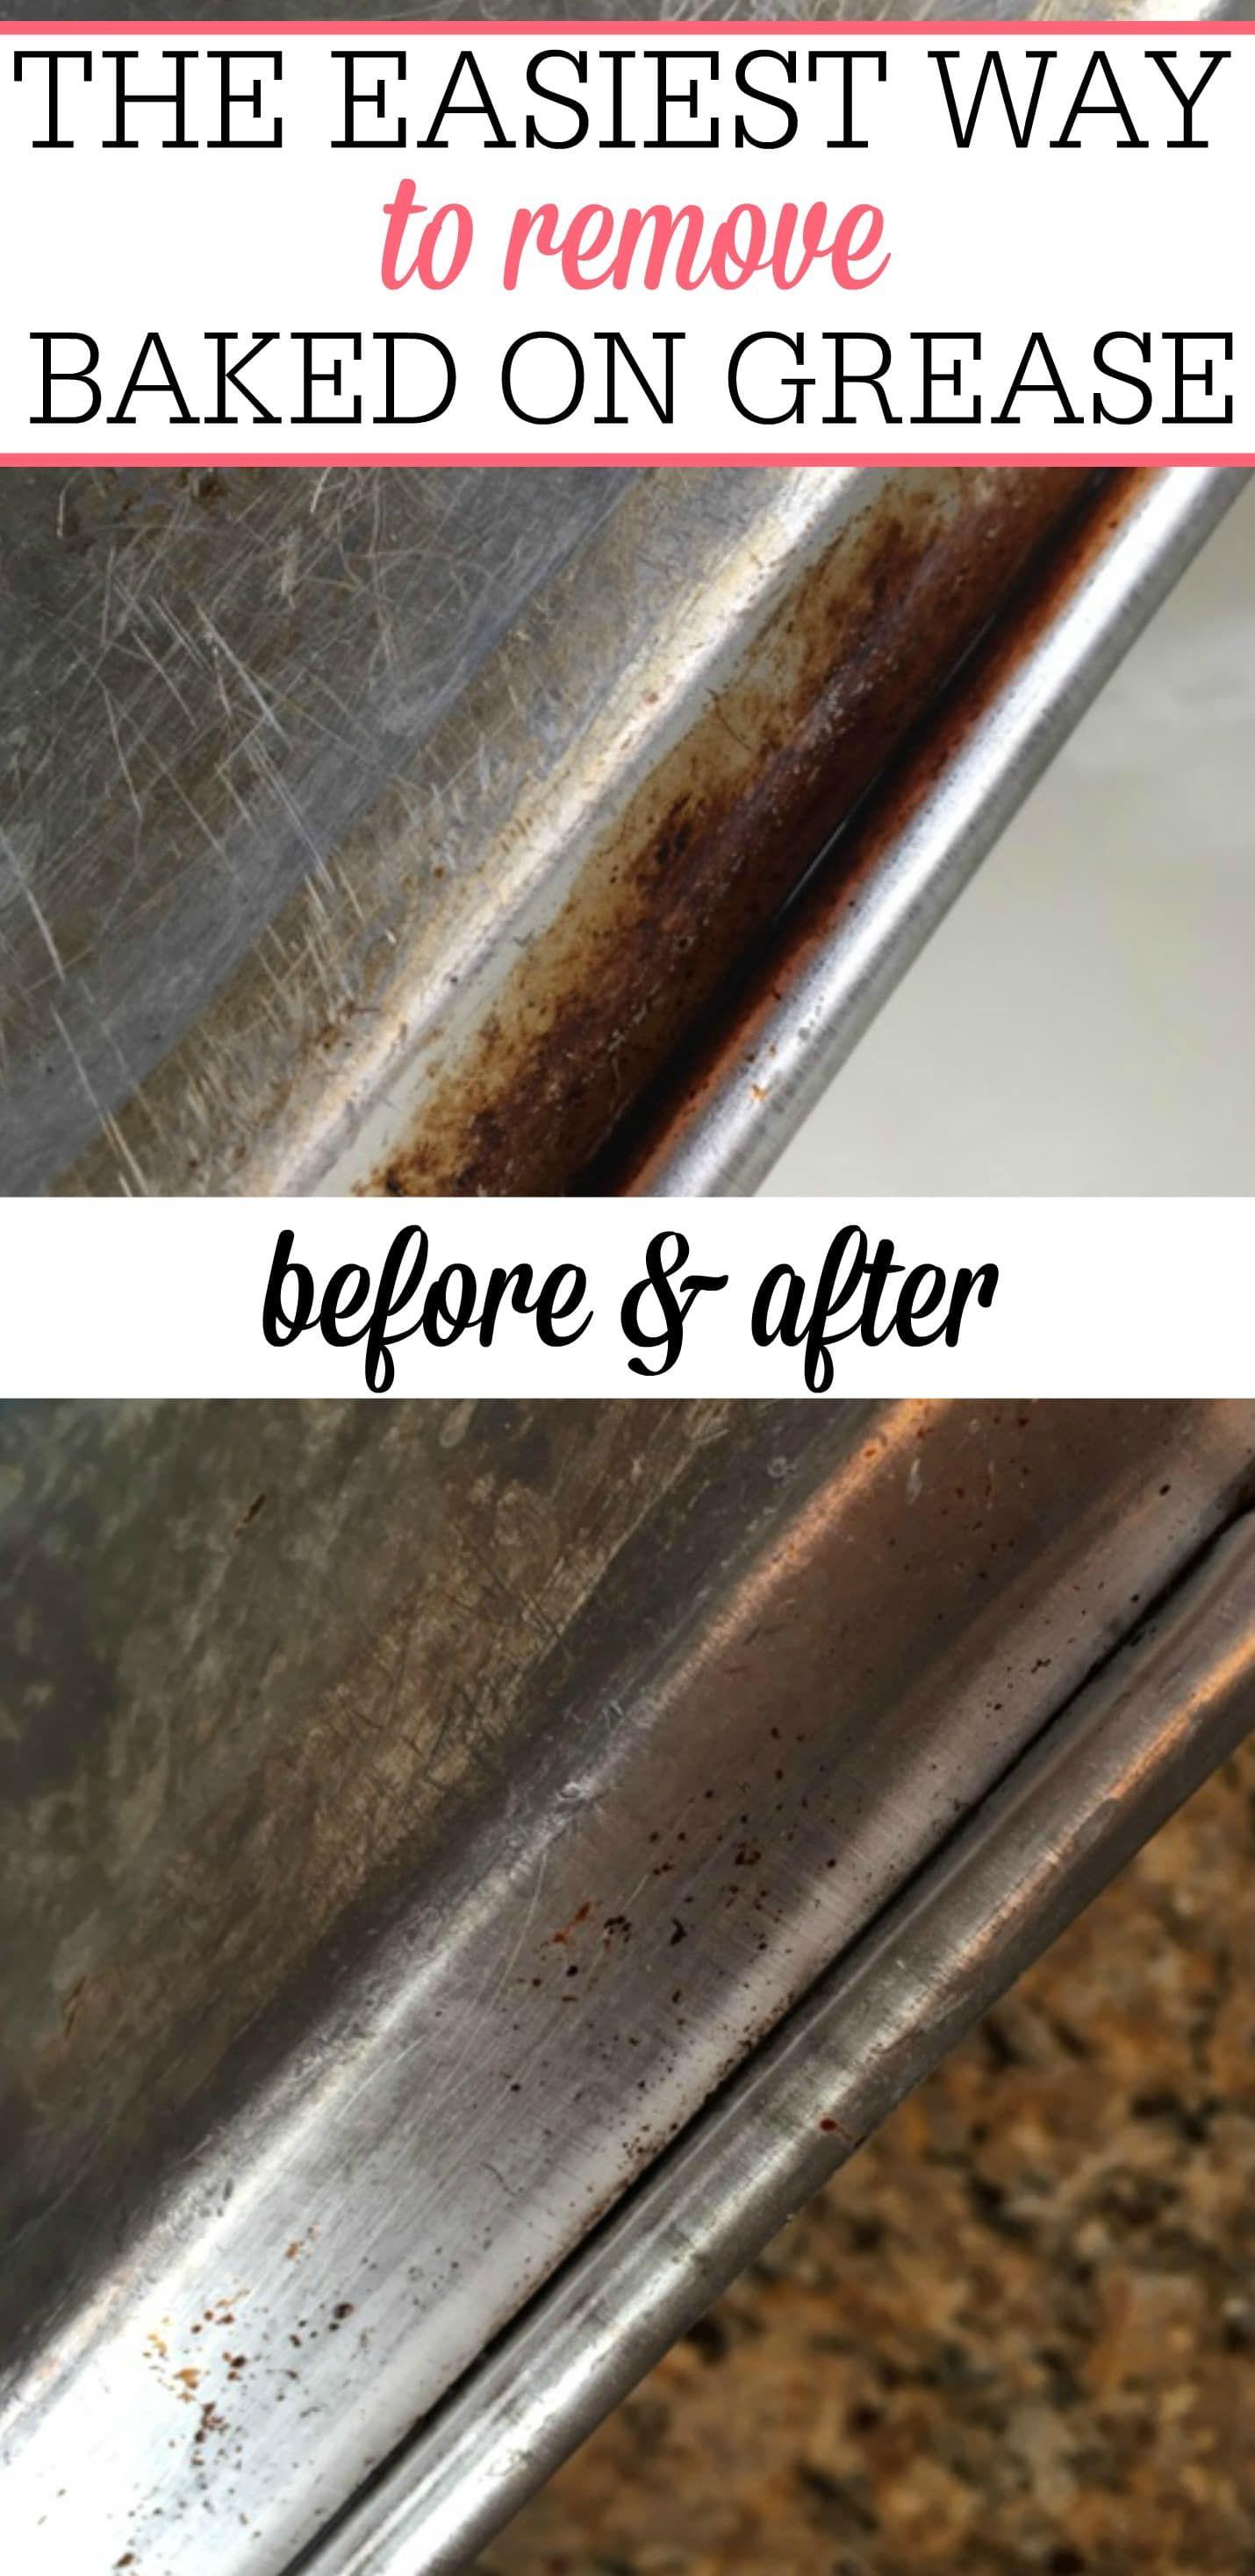 795334c722c3b50b9148acfd6cef53df - How To Get Baked On Grease Off Metal Pans